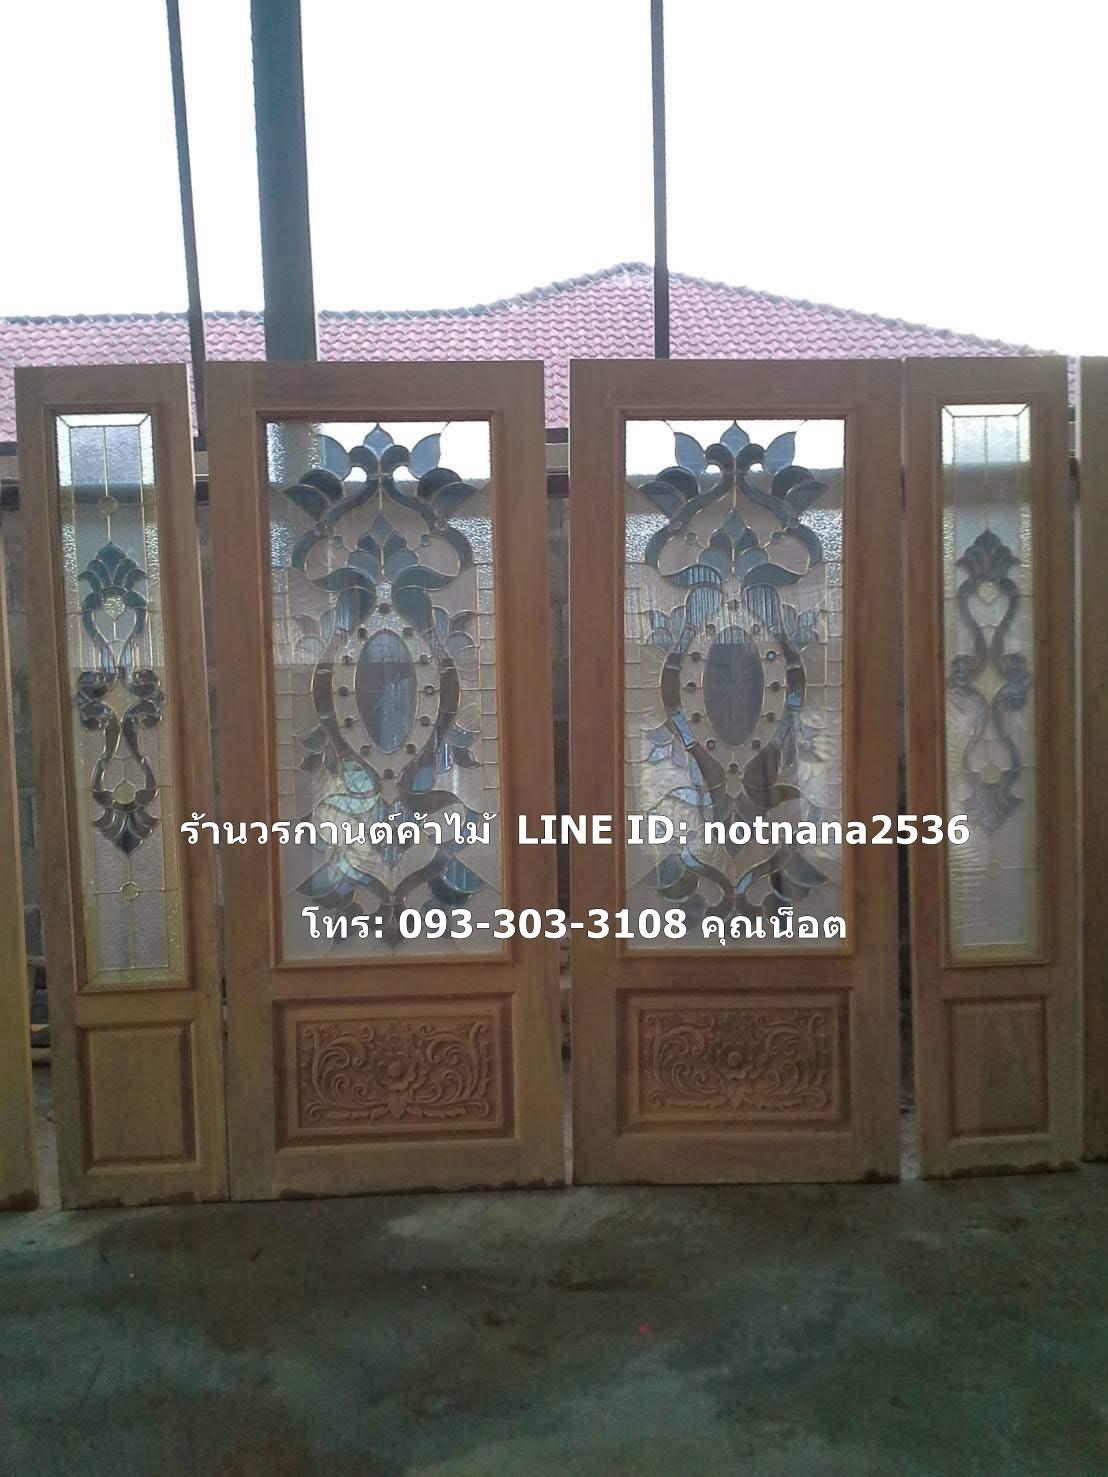 ประตูไม้สักกระจกนิรภัยครึ่งบาน ชุด4ชิ้น รหัส NOT04